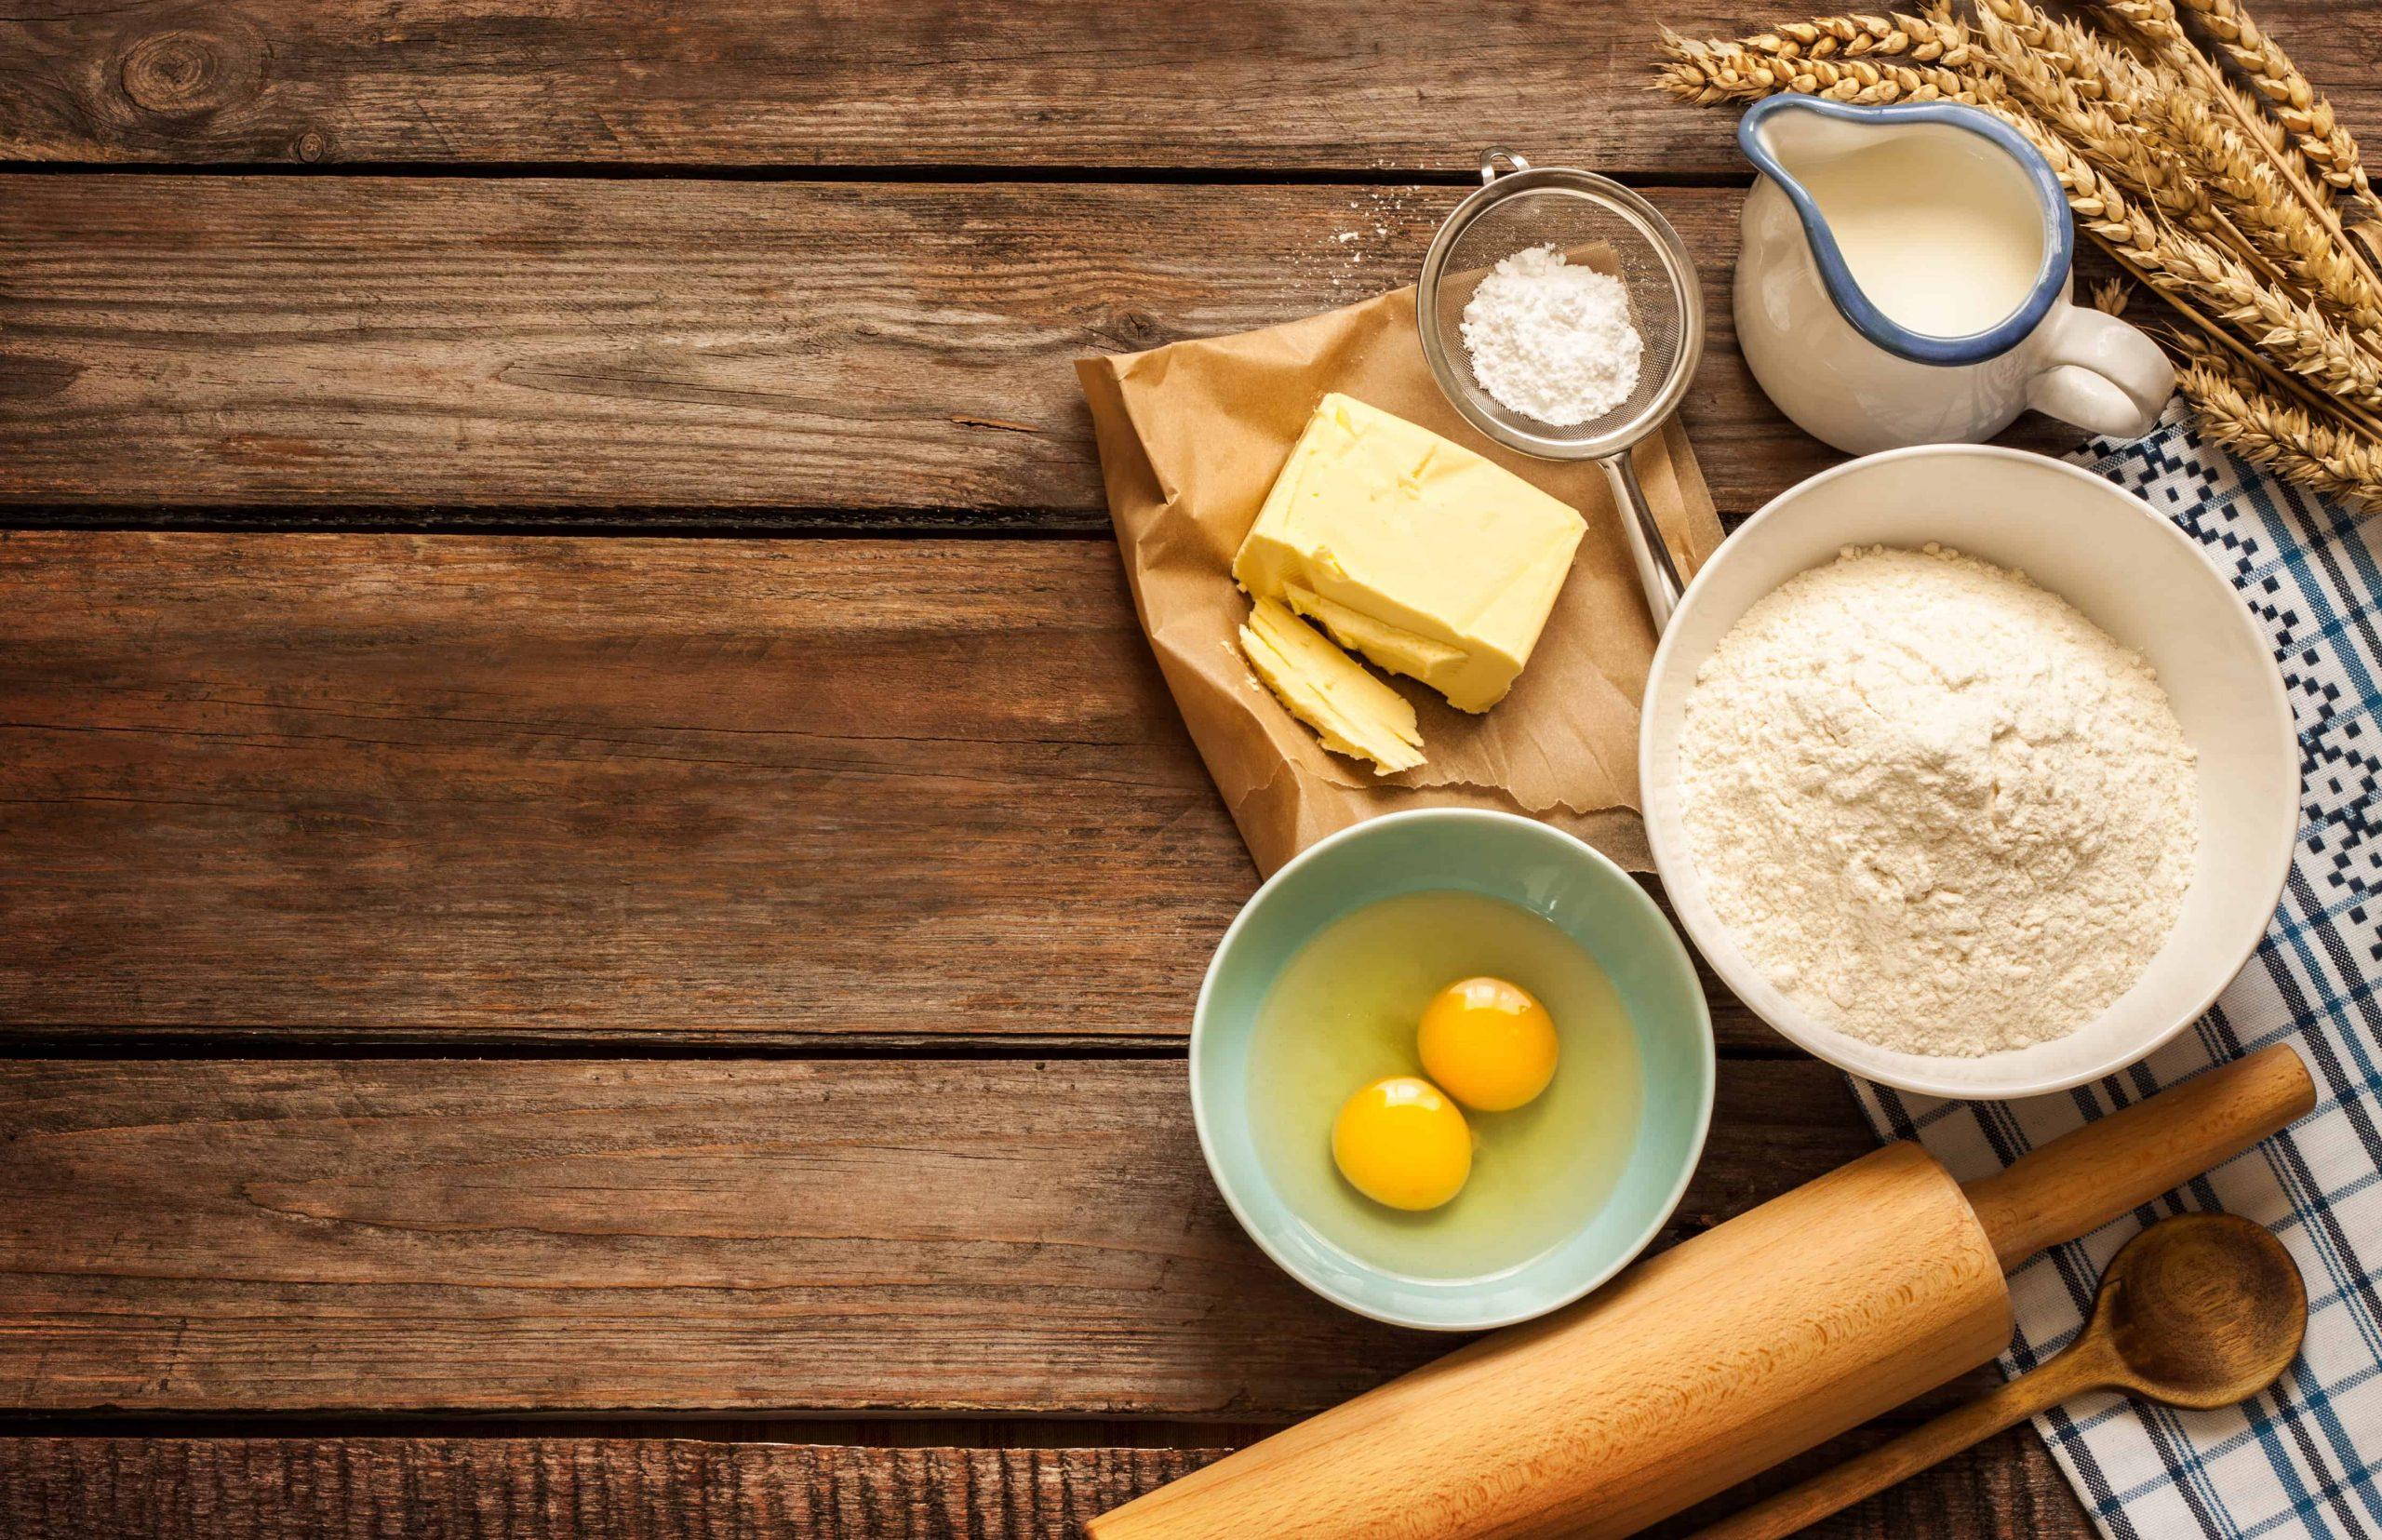 Backen ohne Mehl: So gelingen leckere Backwerke mit Mehlersatz